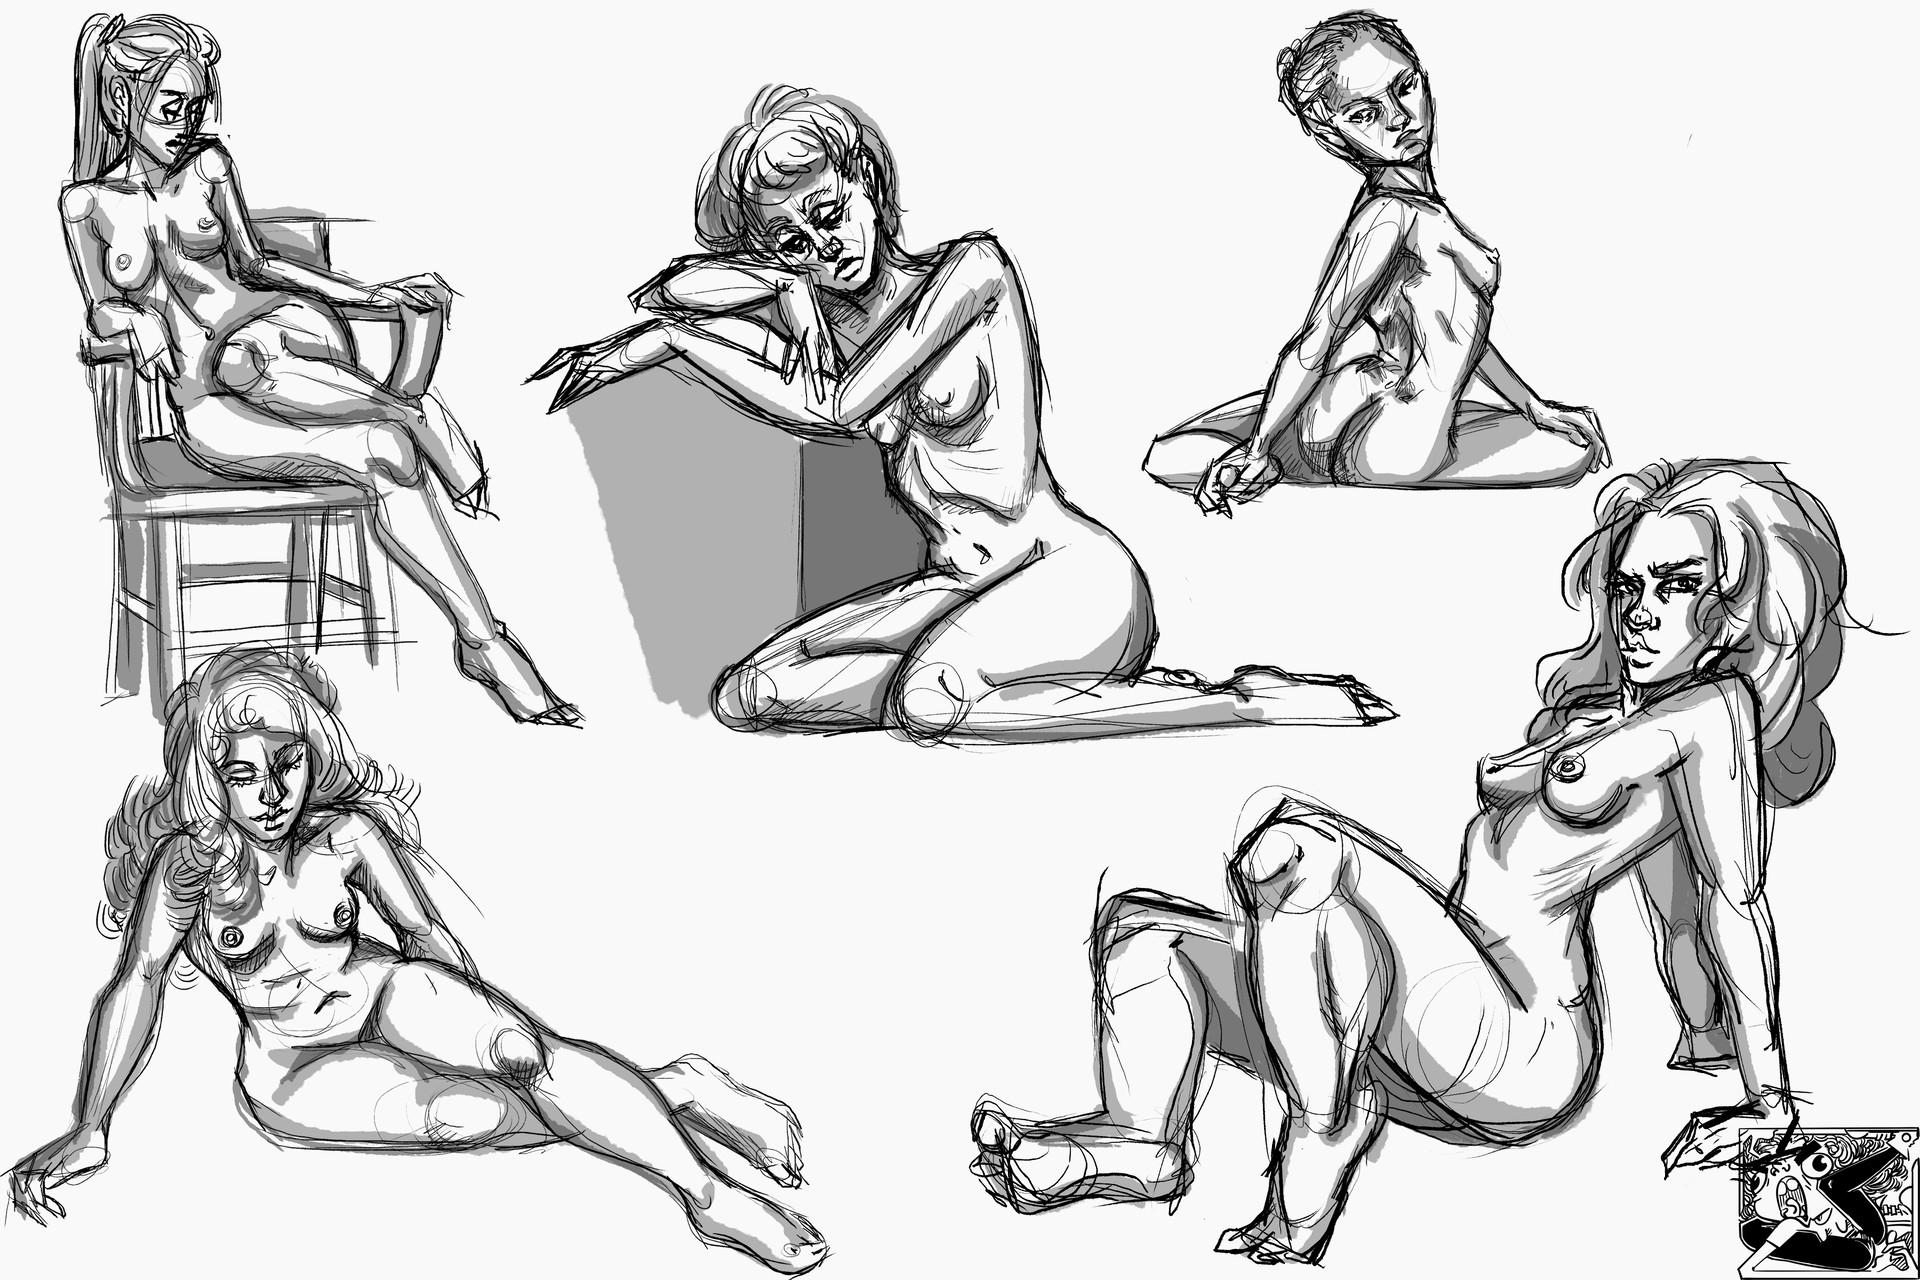 ArtStation - Anatomy Studies/Figure Drawings (WIP), Araceli Taranto